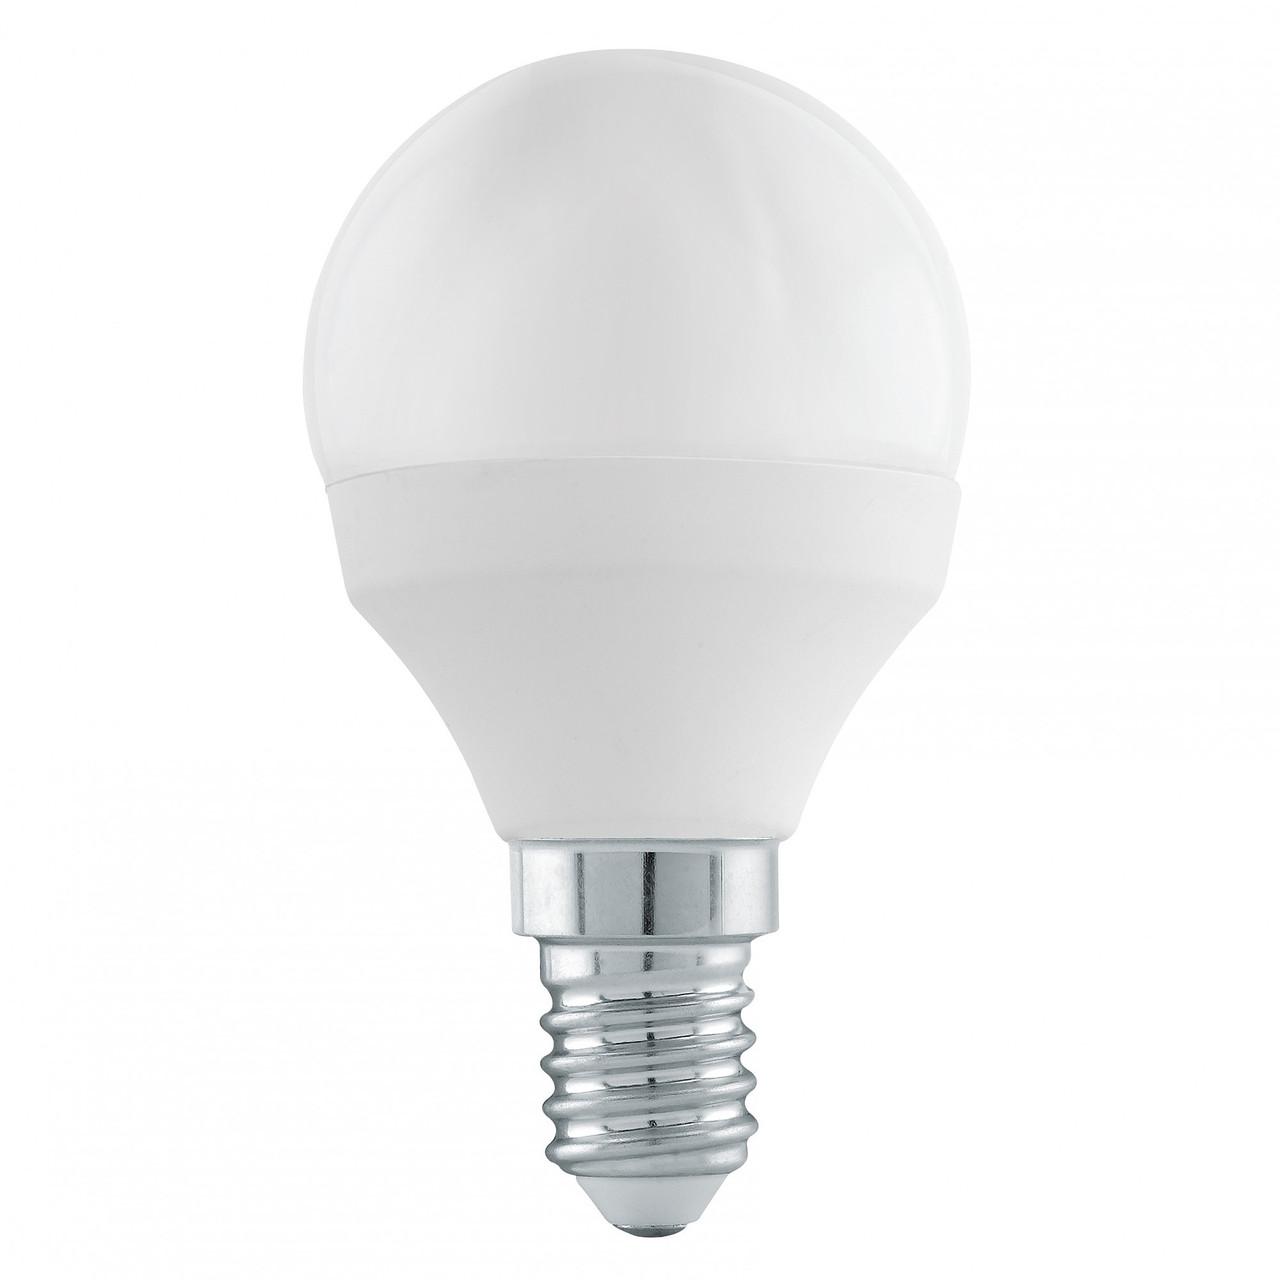 Лампочка аварийного освещения (умная лампа)